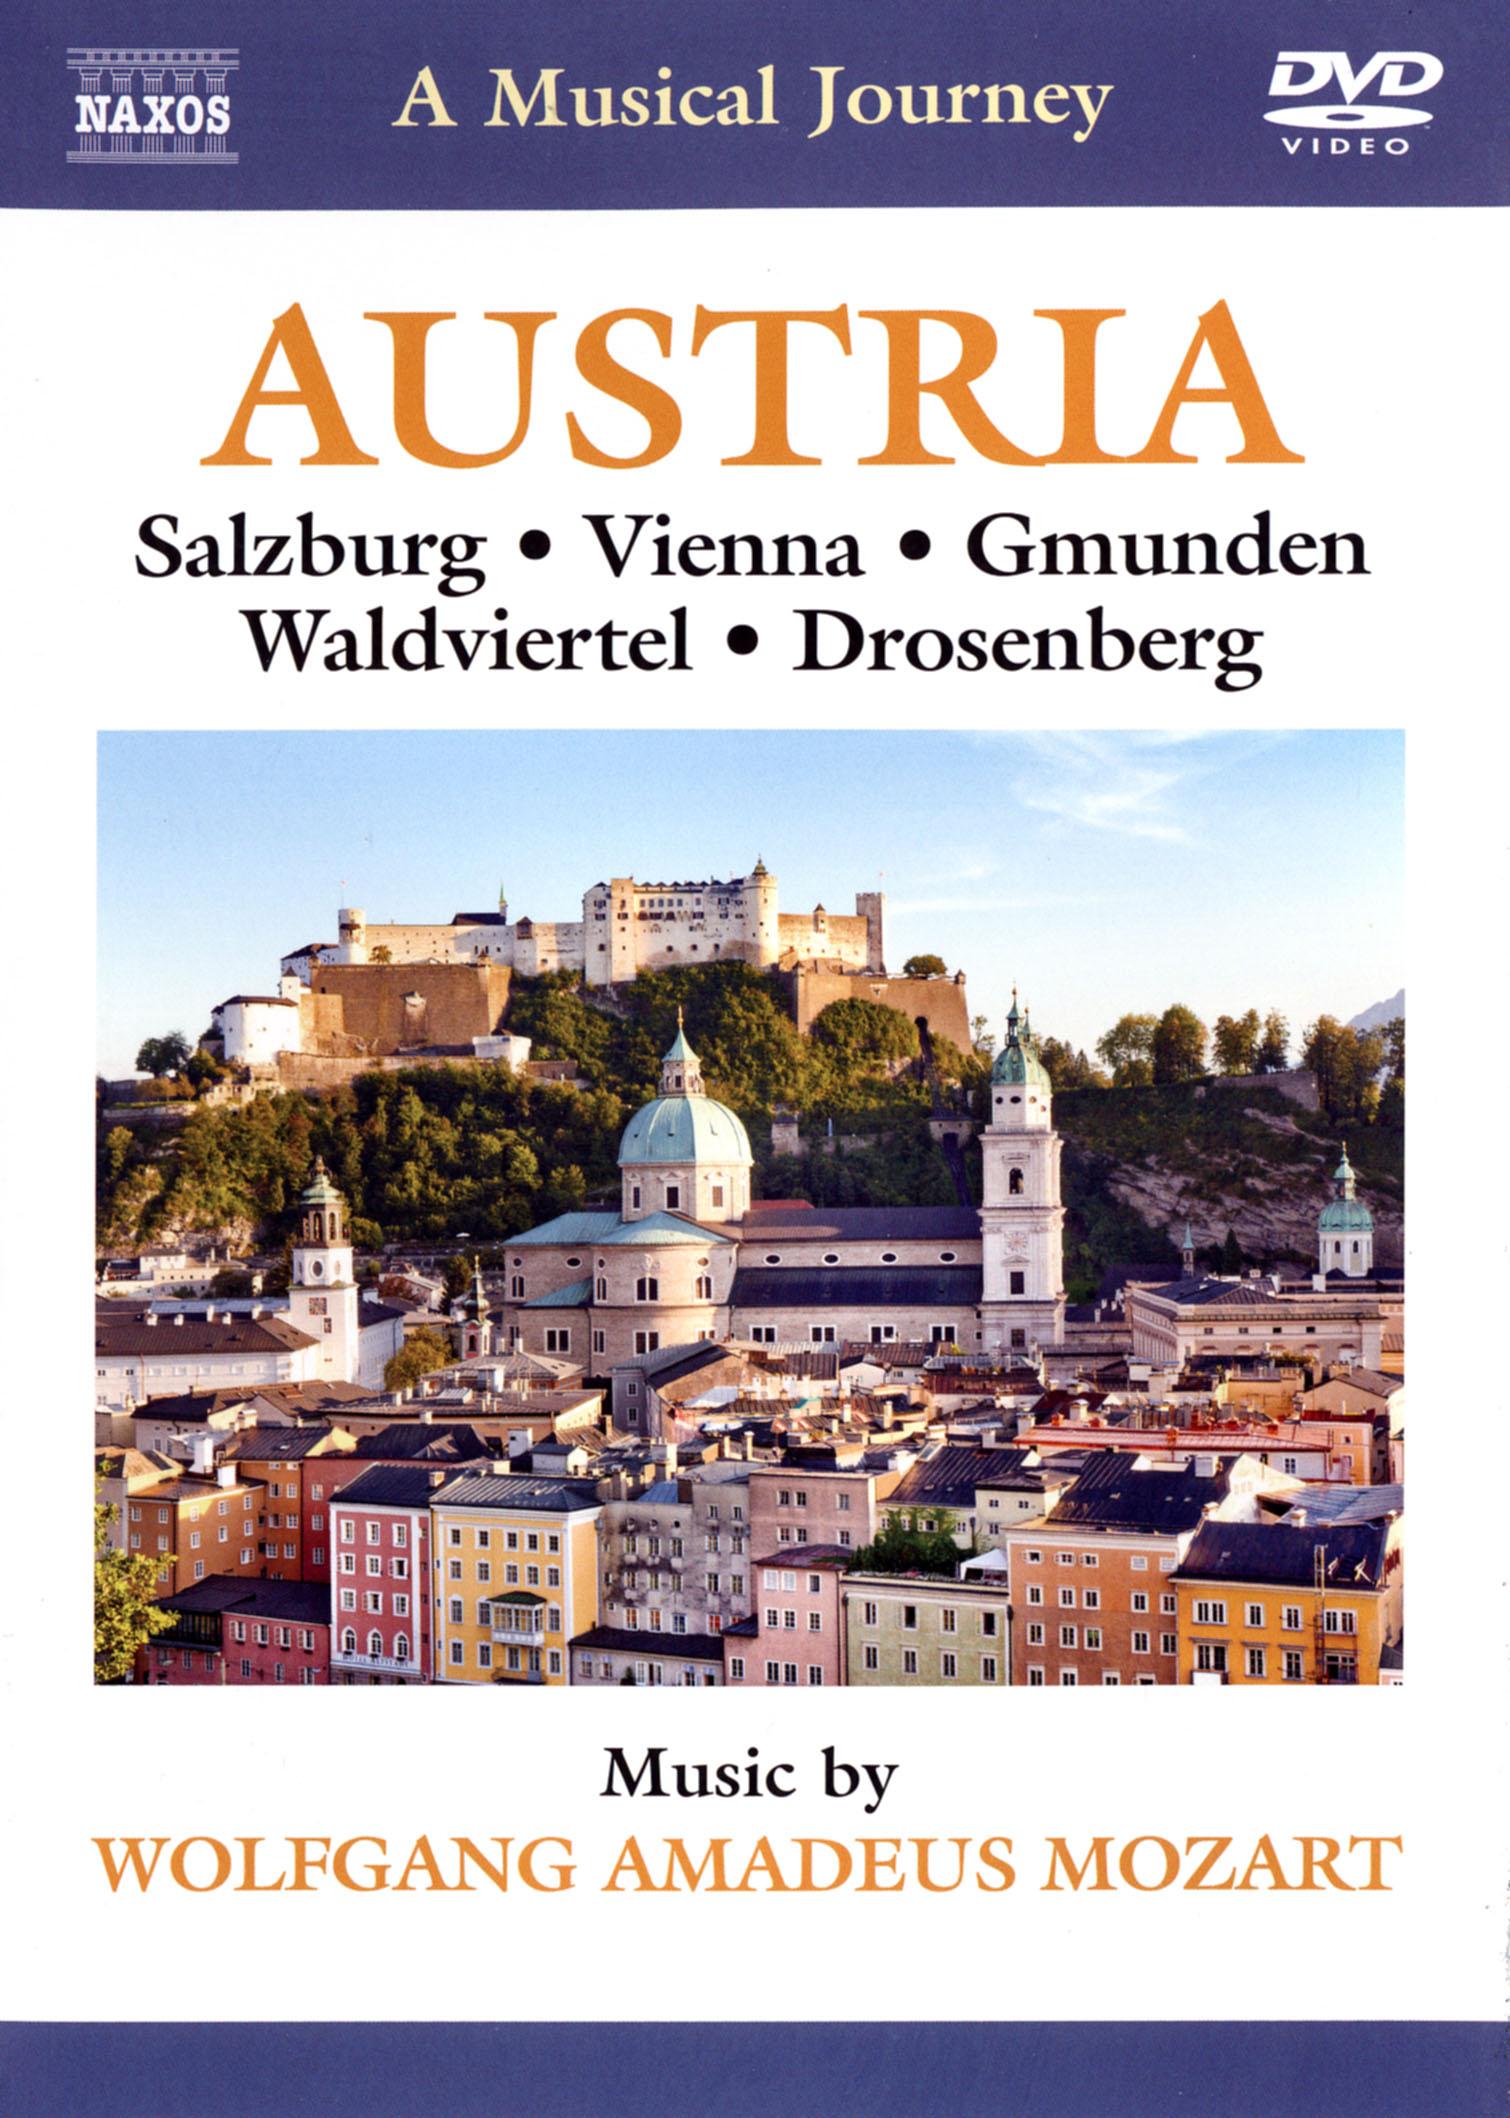 A Musical Journey: Austria - Salzburg/Vienna/Gmunden/Waldviertel/Drosenberg